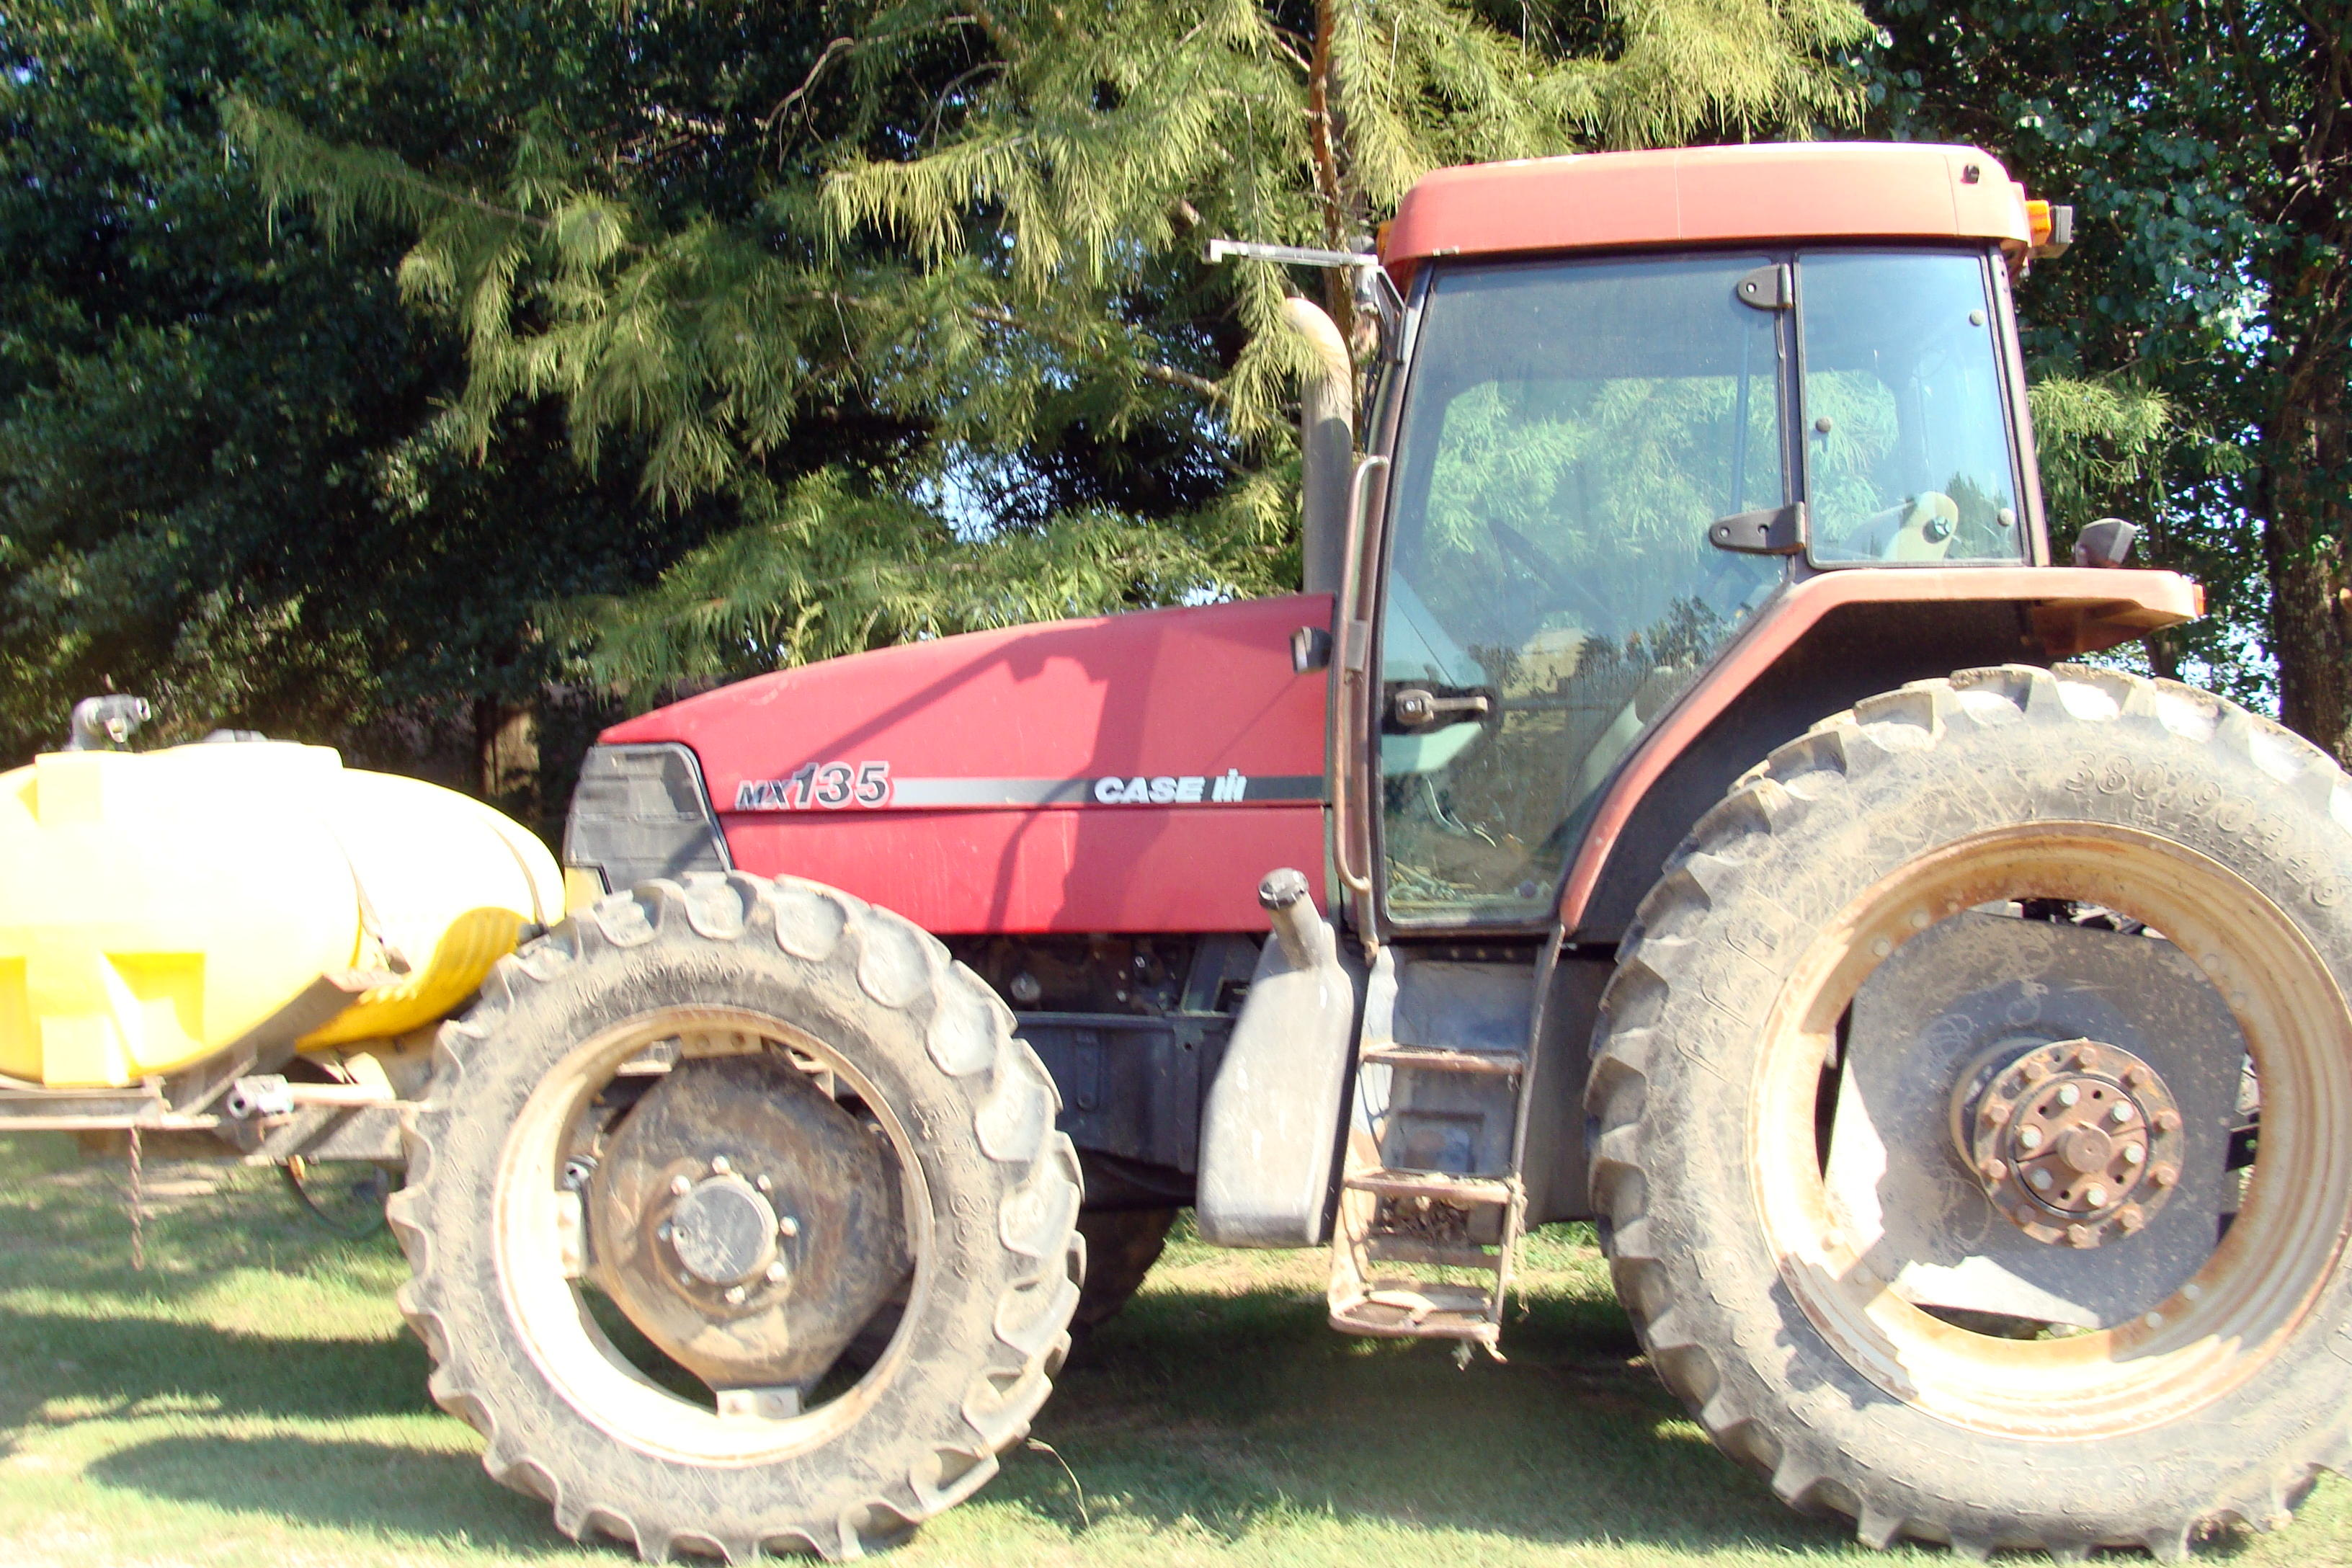 Farm Equipment Bankrupt Case # 19-30753